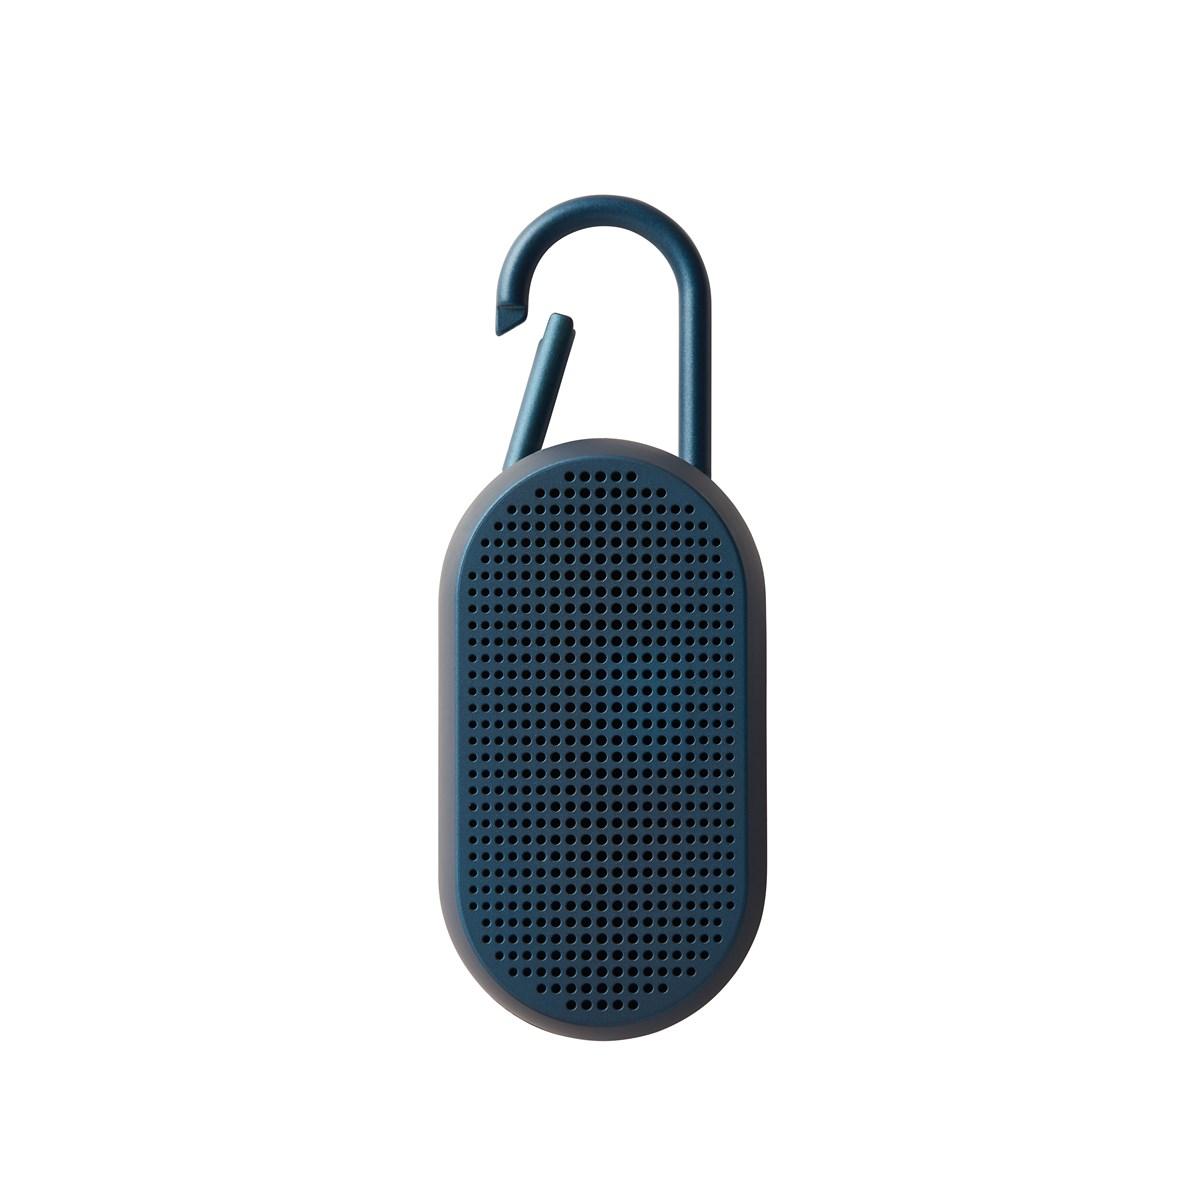 Enceinte bluetooth avec mousqueton en ABS bleu nuit